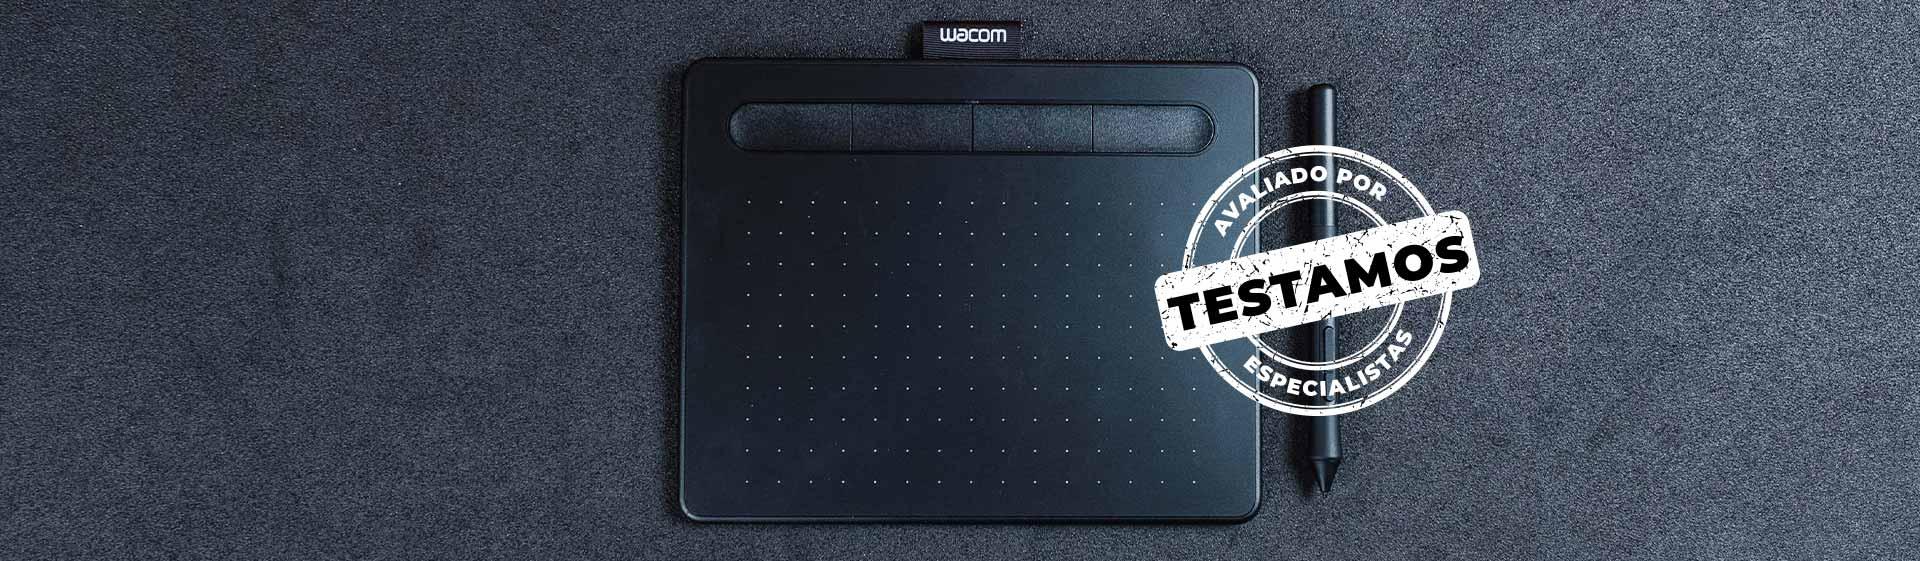 Wacom Intuos CTL 4100: compacta no tamanho e grande na performance